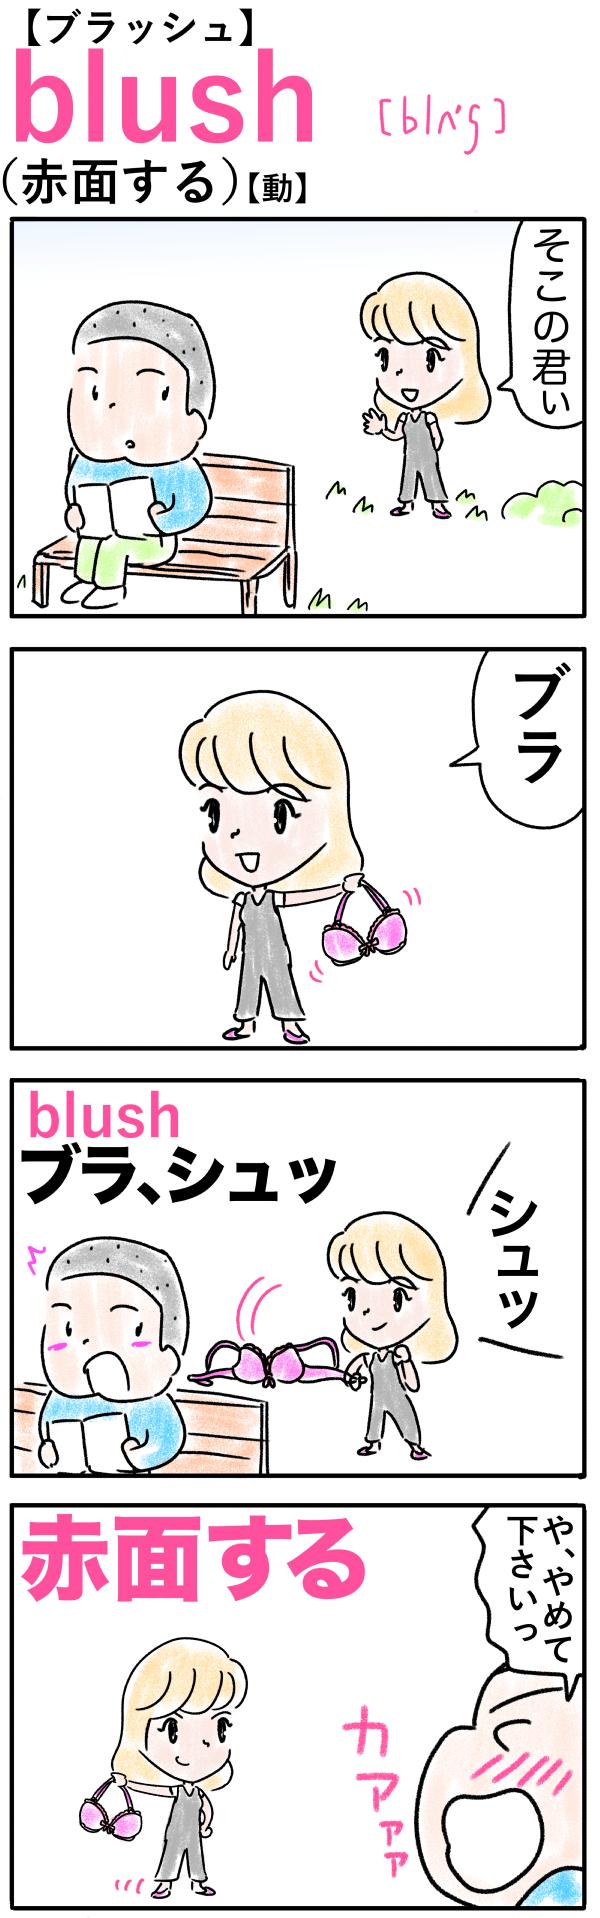 blush(赤面する)の語呂合わせ英単語